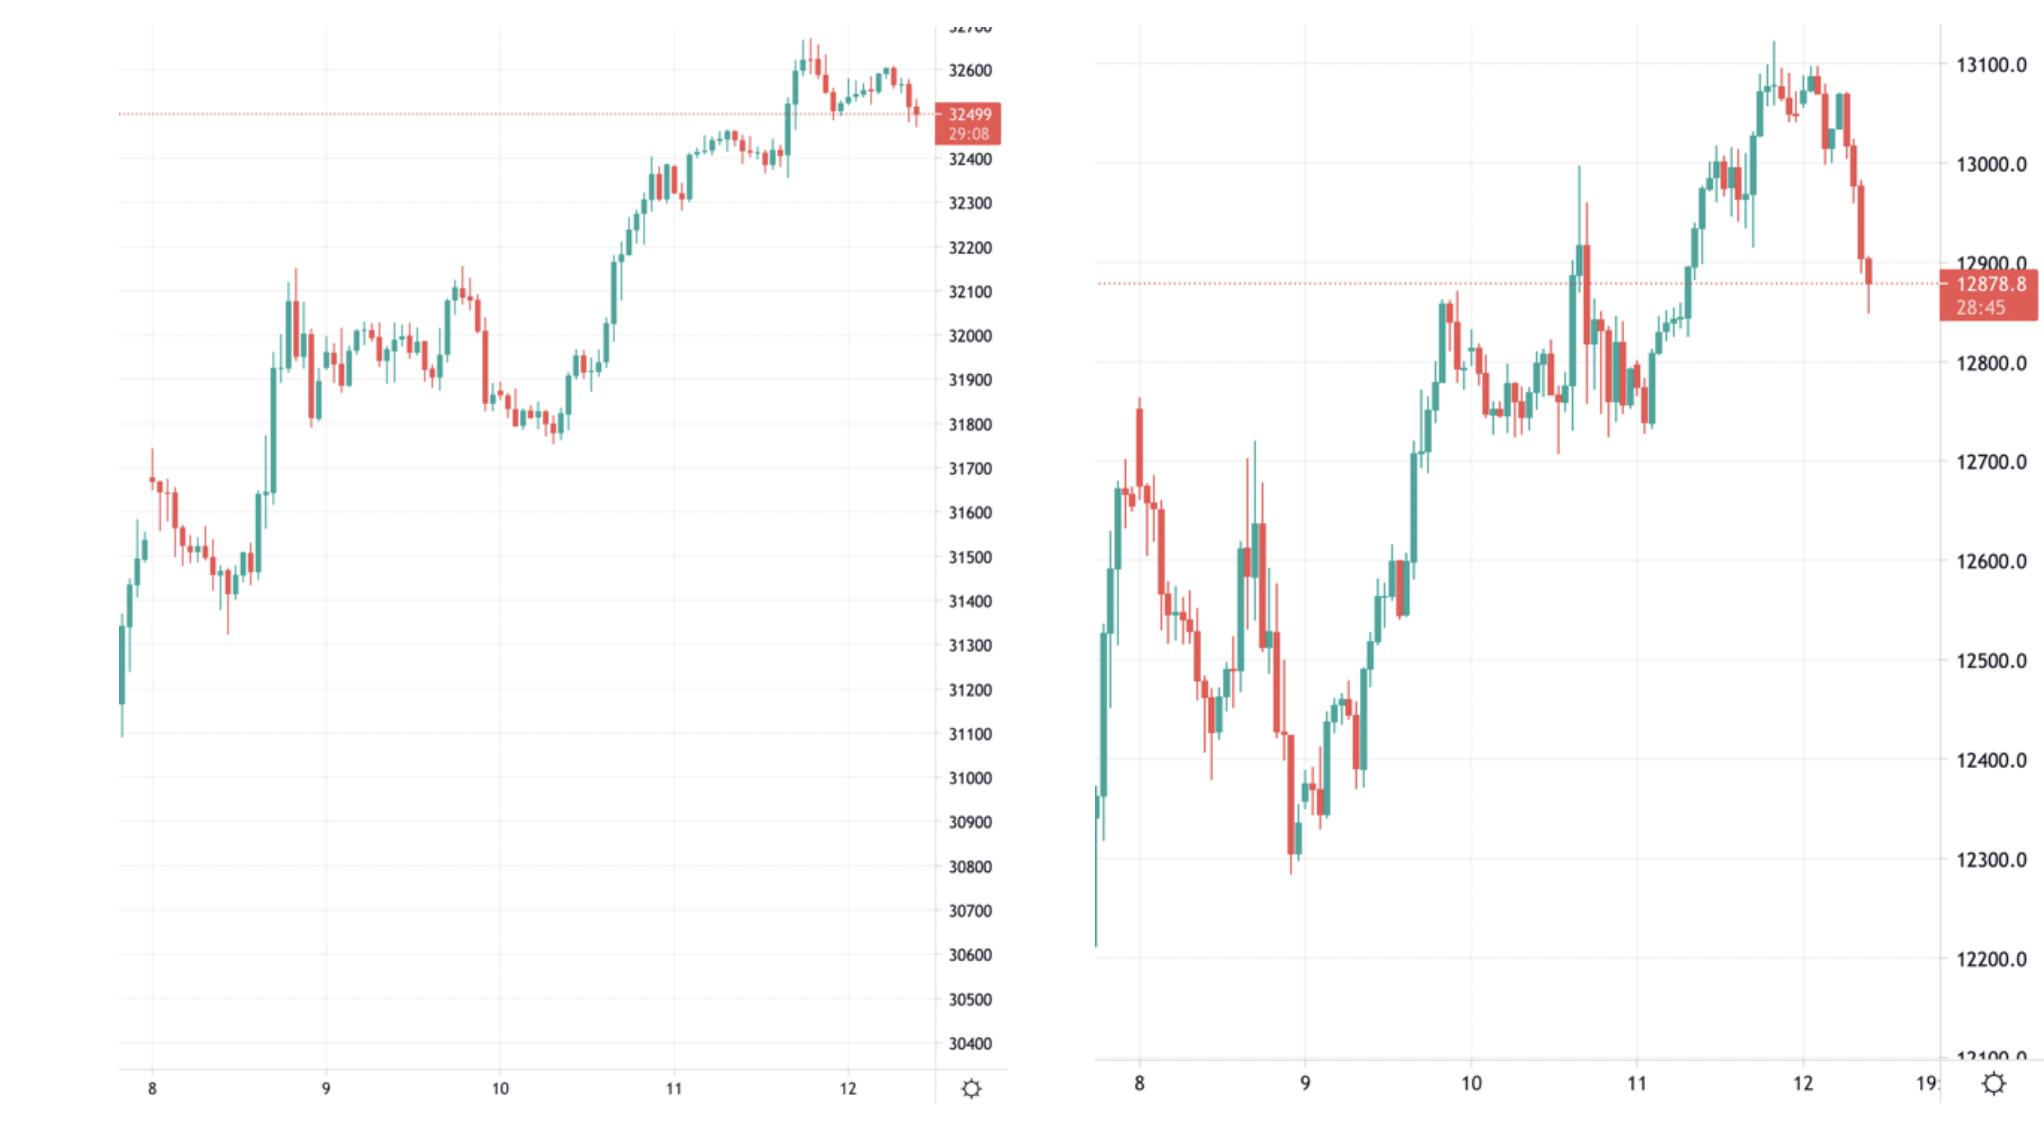 Gráficos del Dow Jones y Nasdaq, respectivamente. TF 1h, cubriendo desde el lunes08/03 hasta el momento de redacción de la noticia. Gráficos extraídos de TradingView.